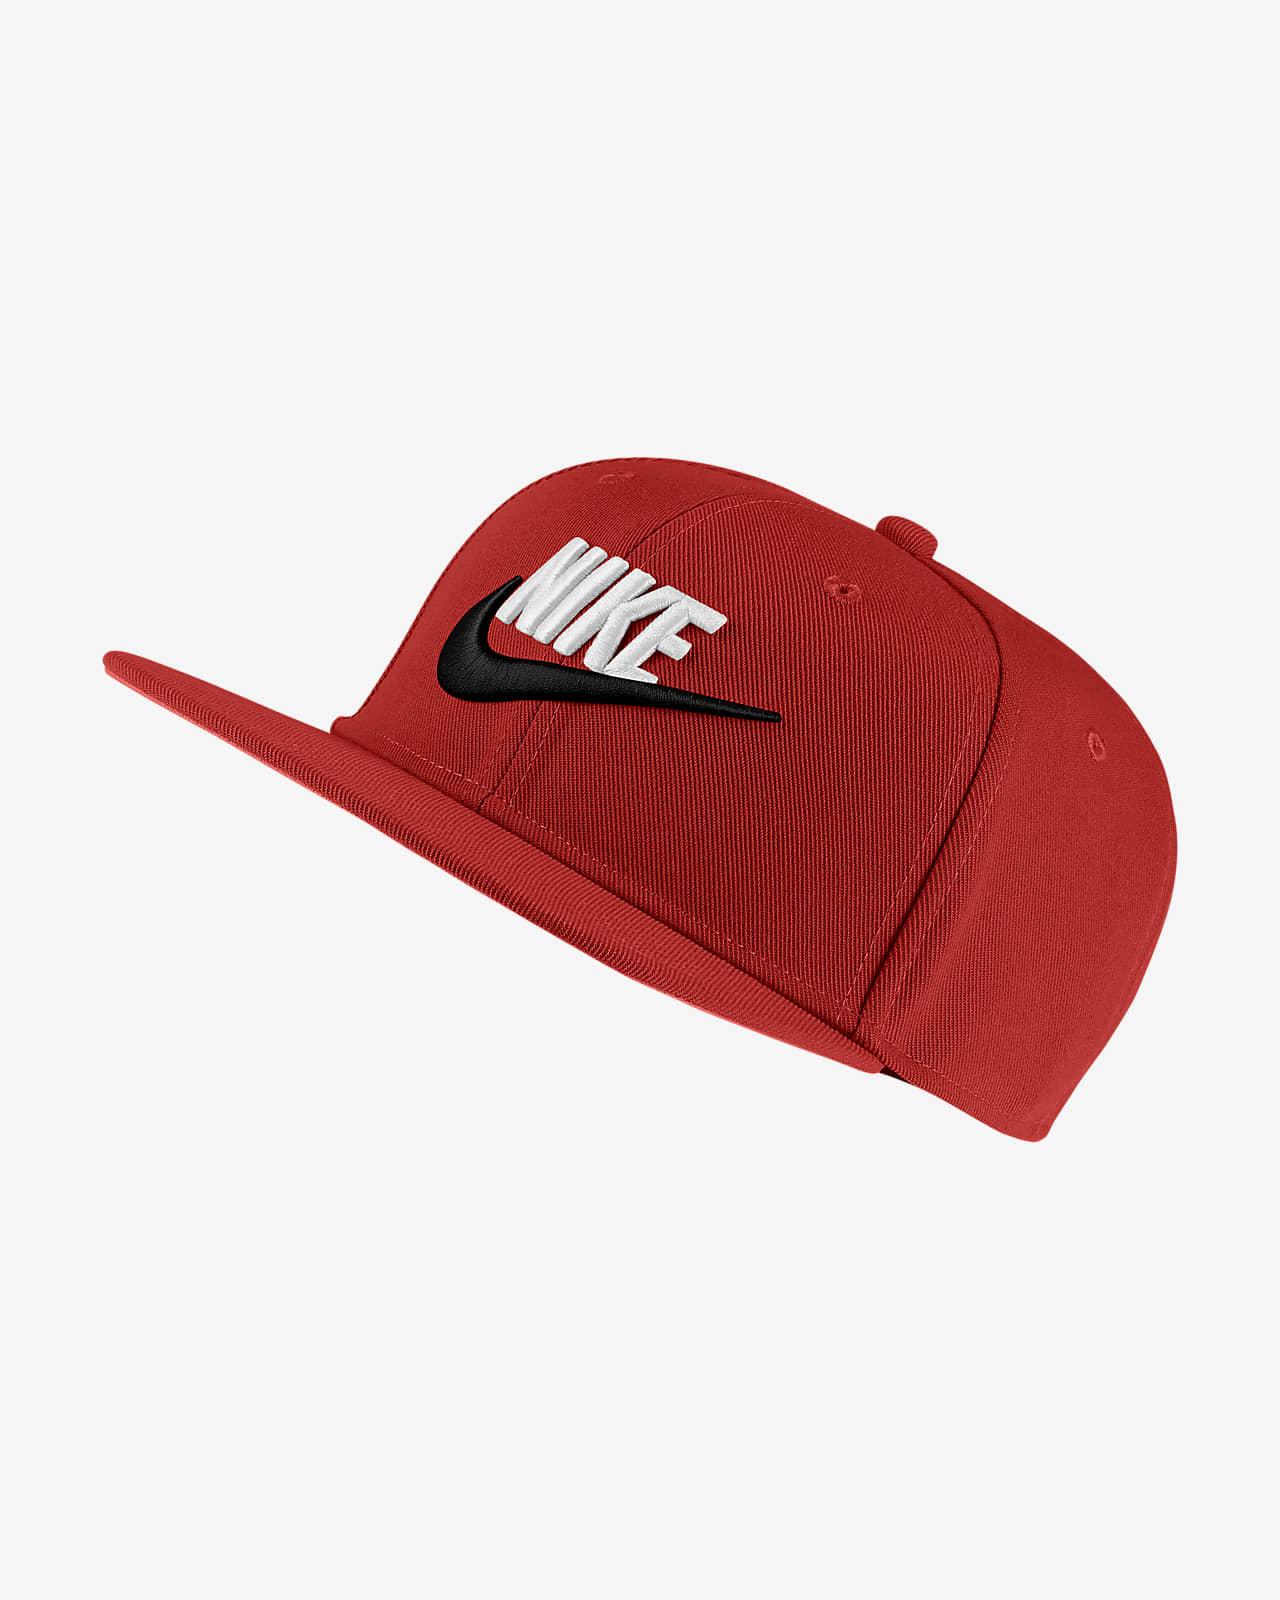 Παιδικό ρυθμιζόμενο καπέλο Nike Pro